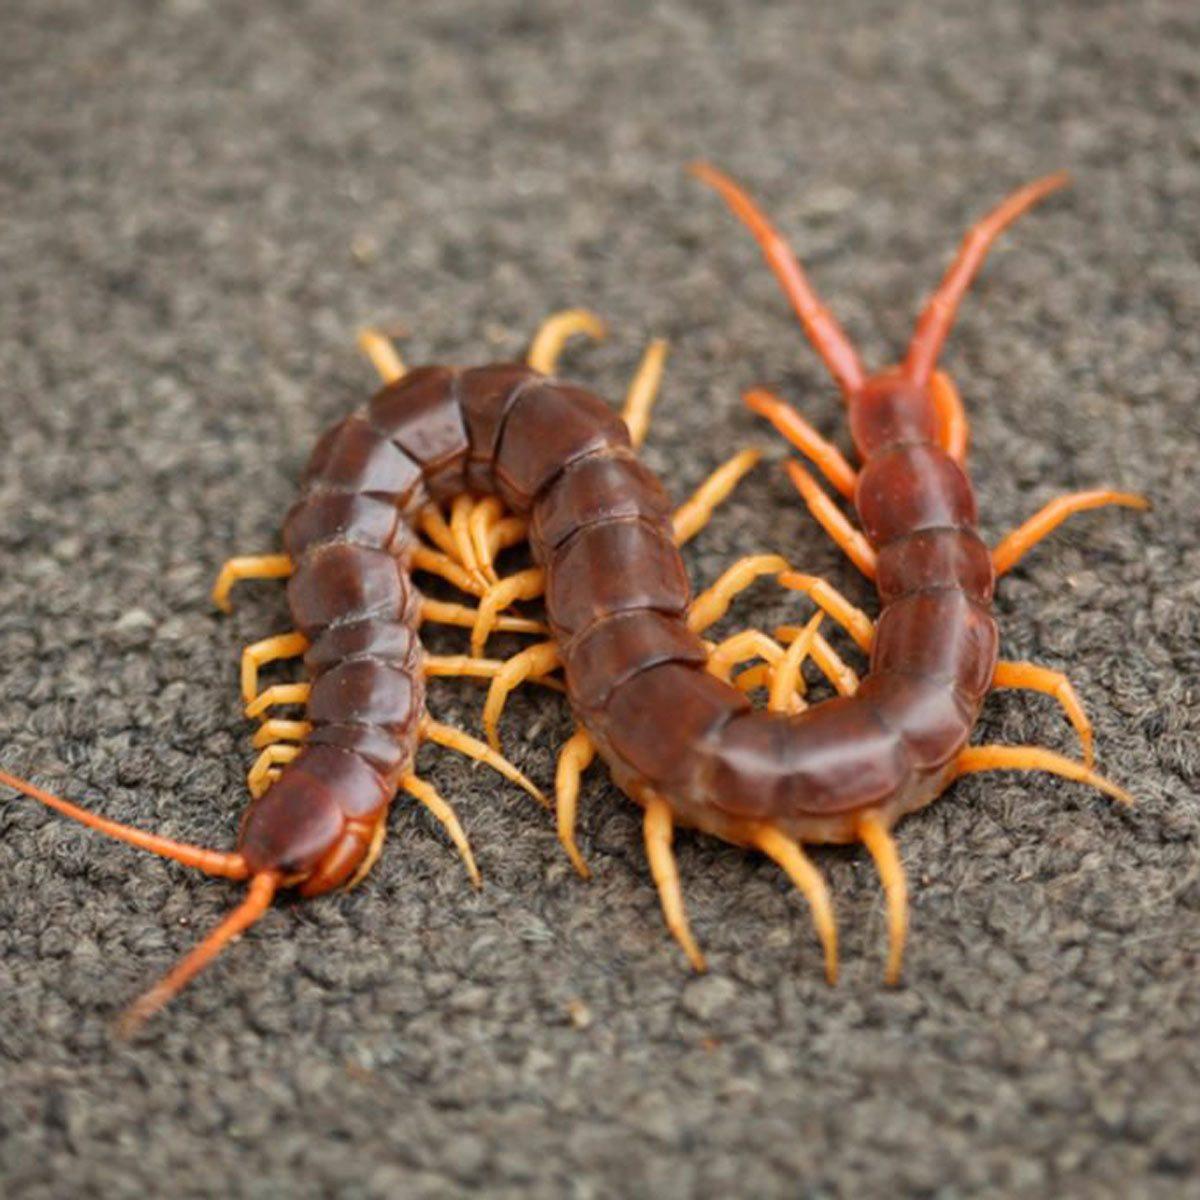 Centipedes Millipedes